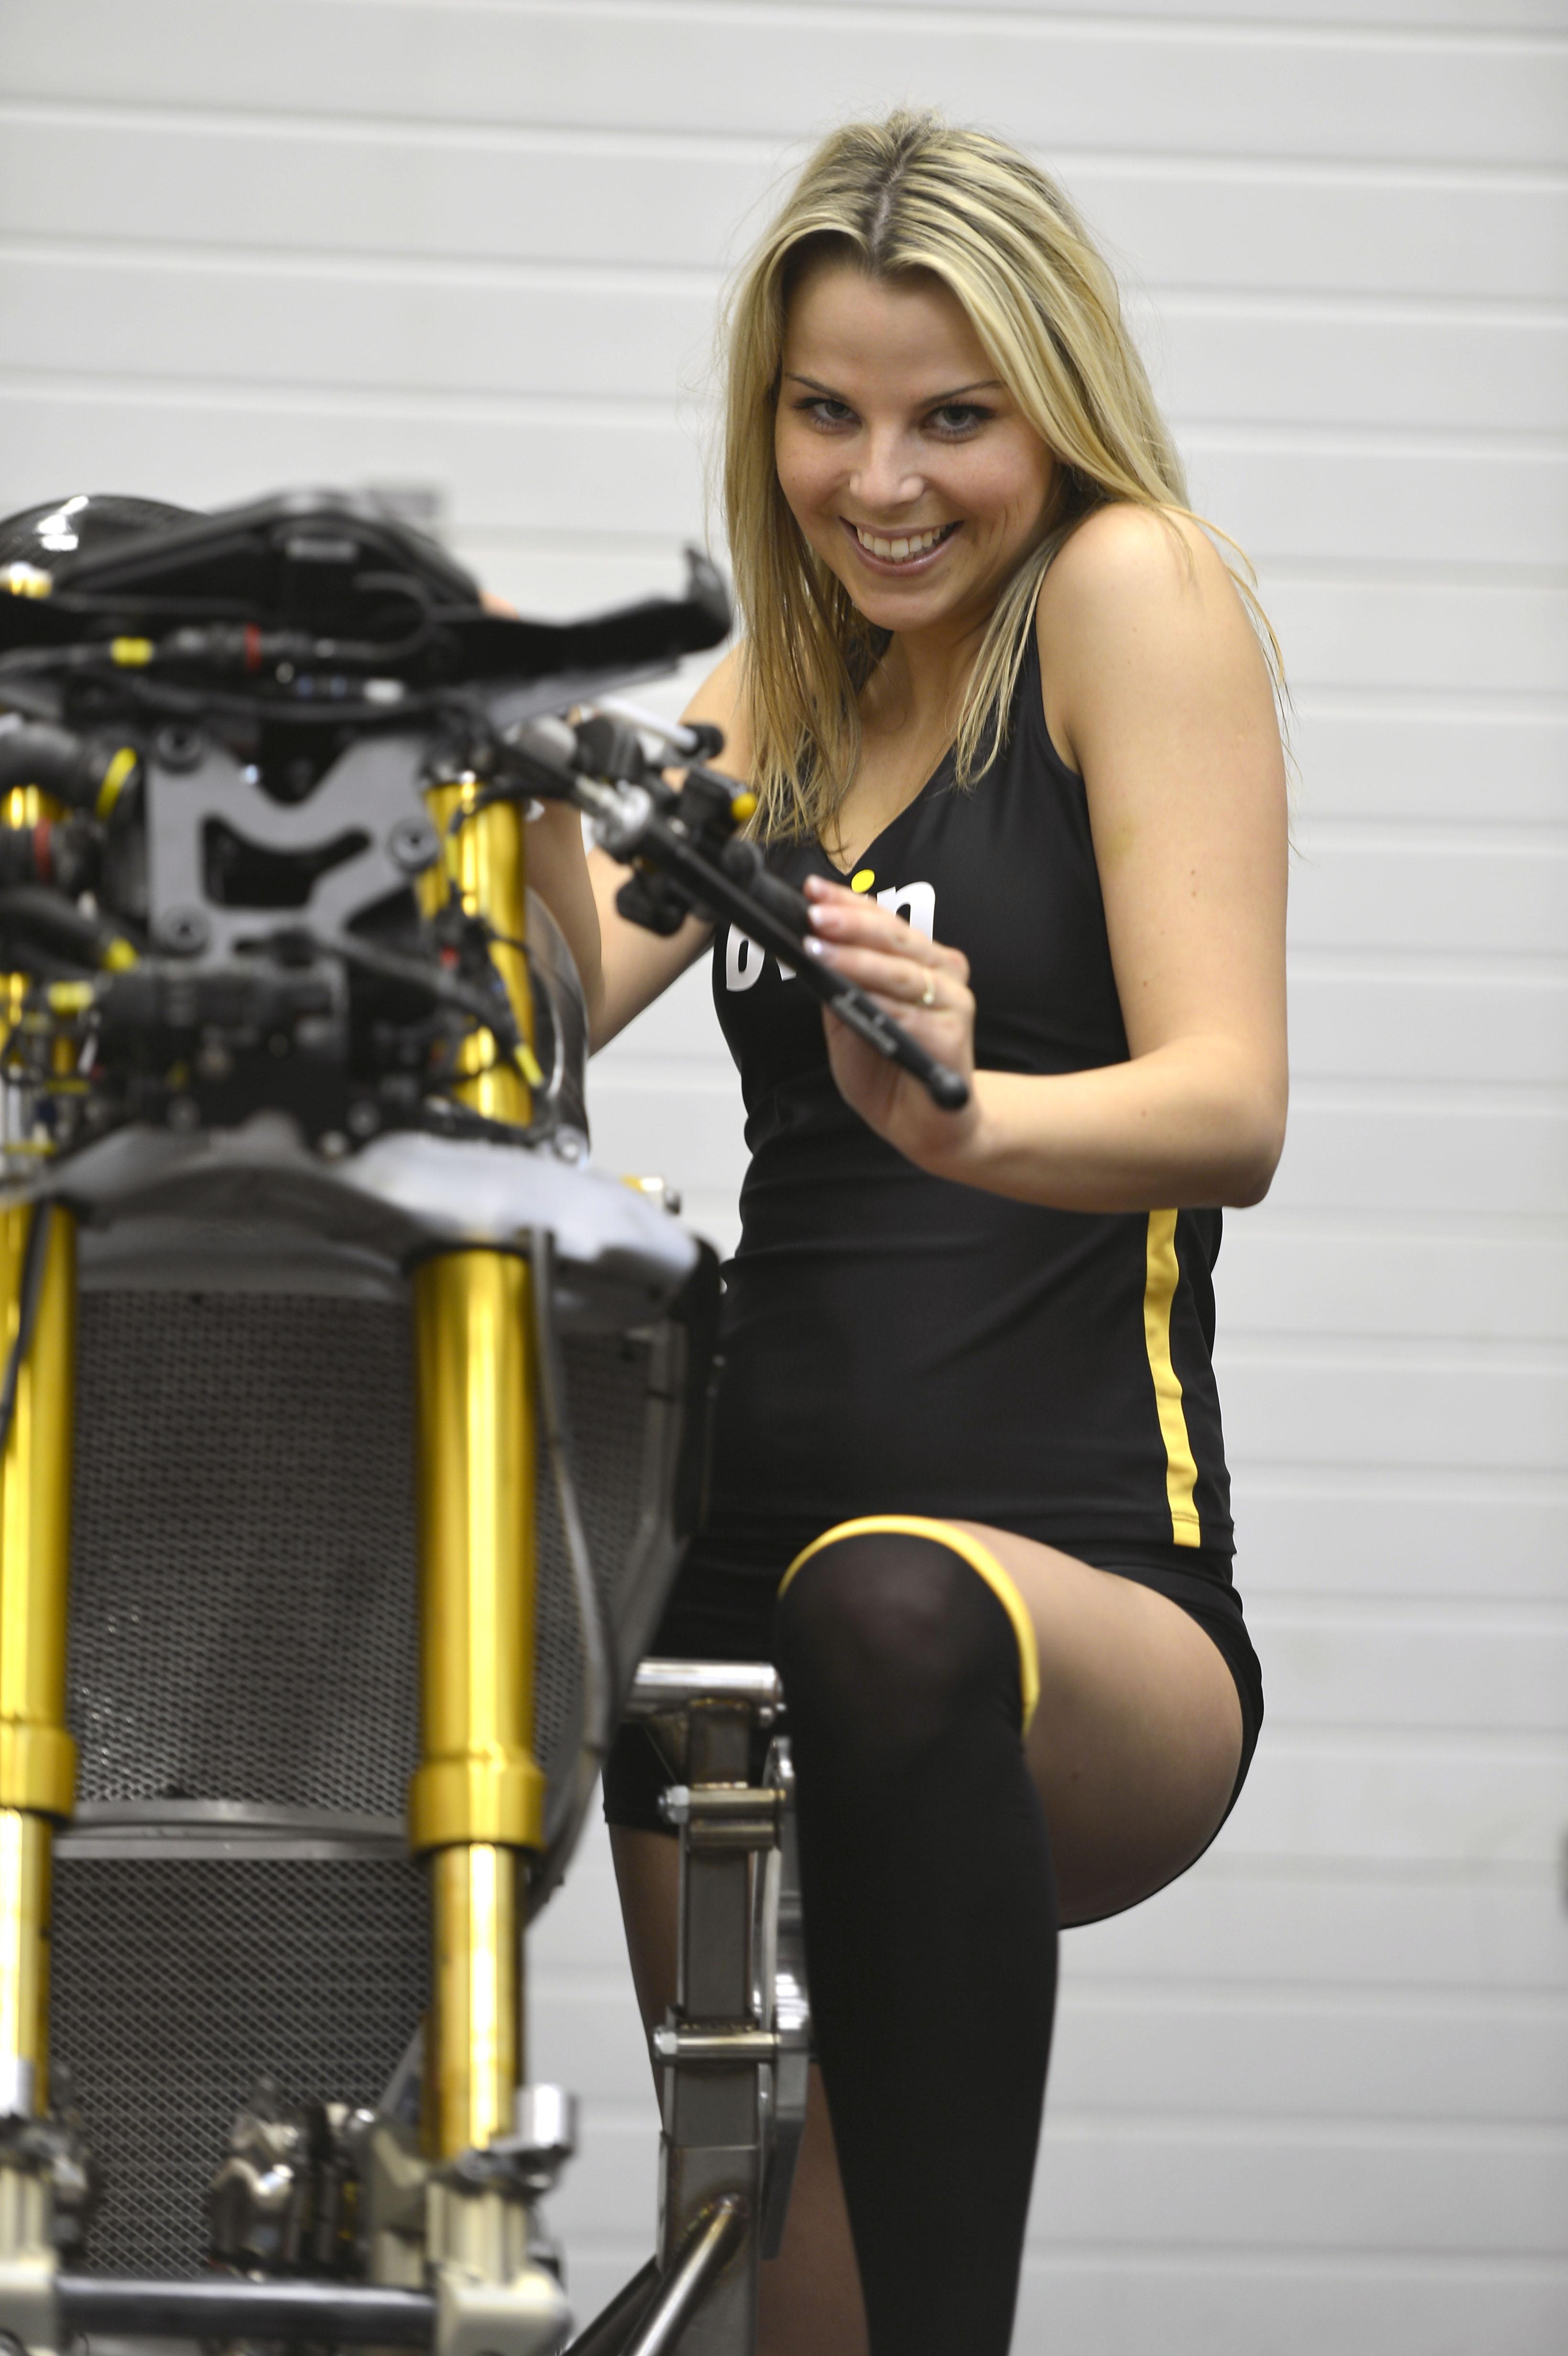 MotoGP Grid Girl Gallery - Jerez 2012 | Visordown